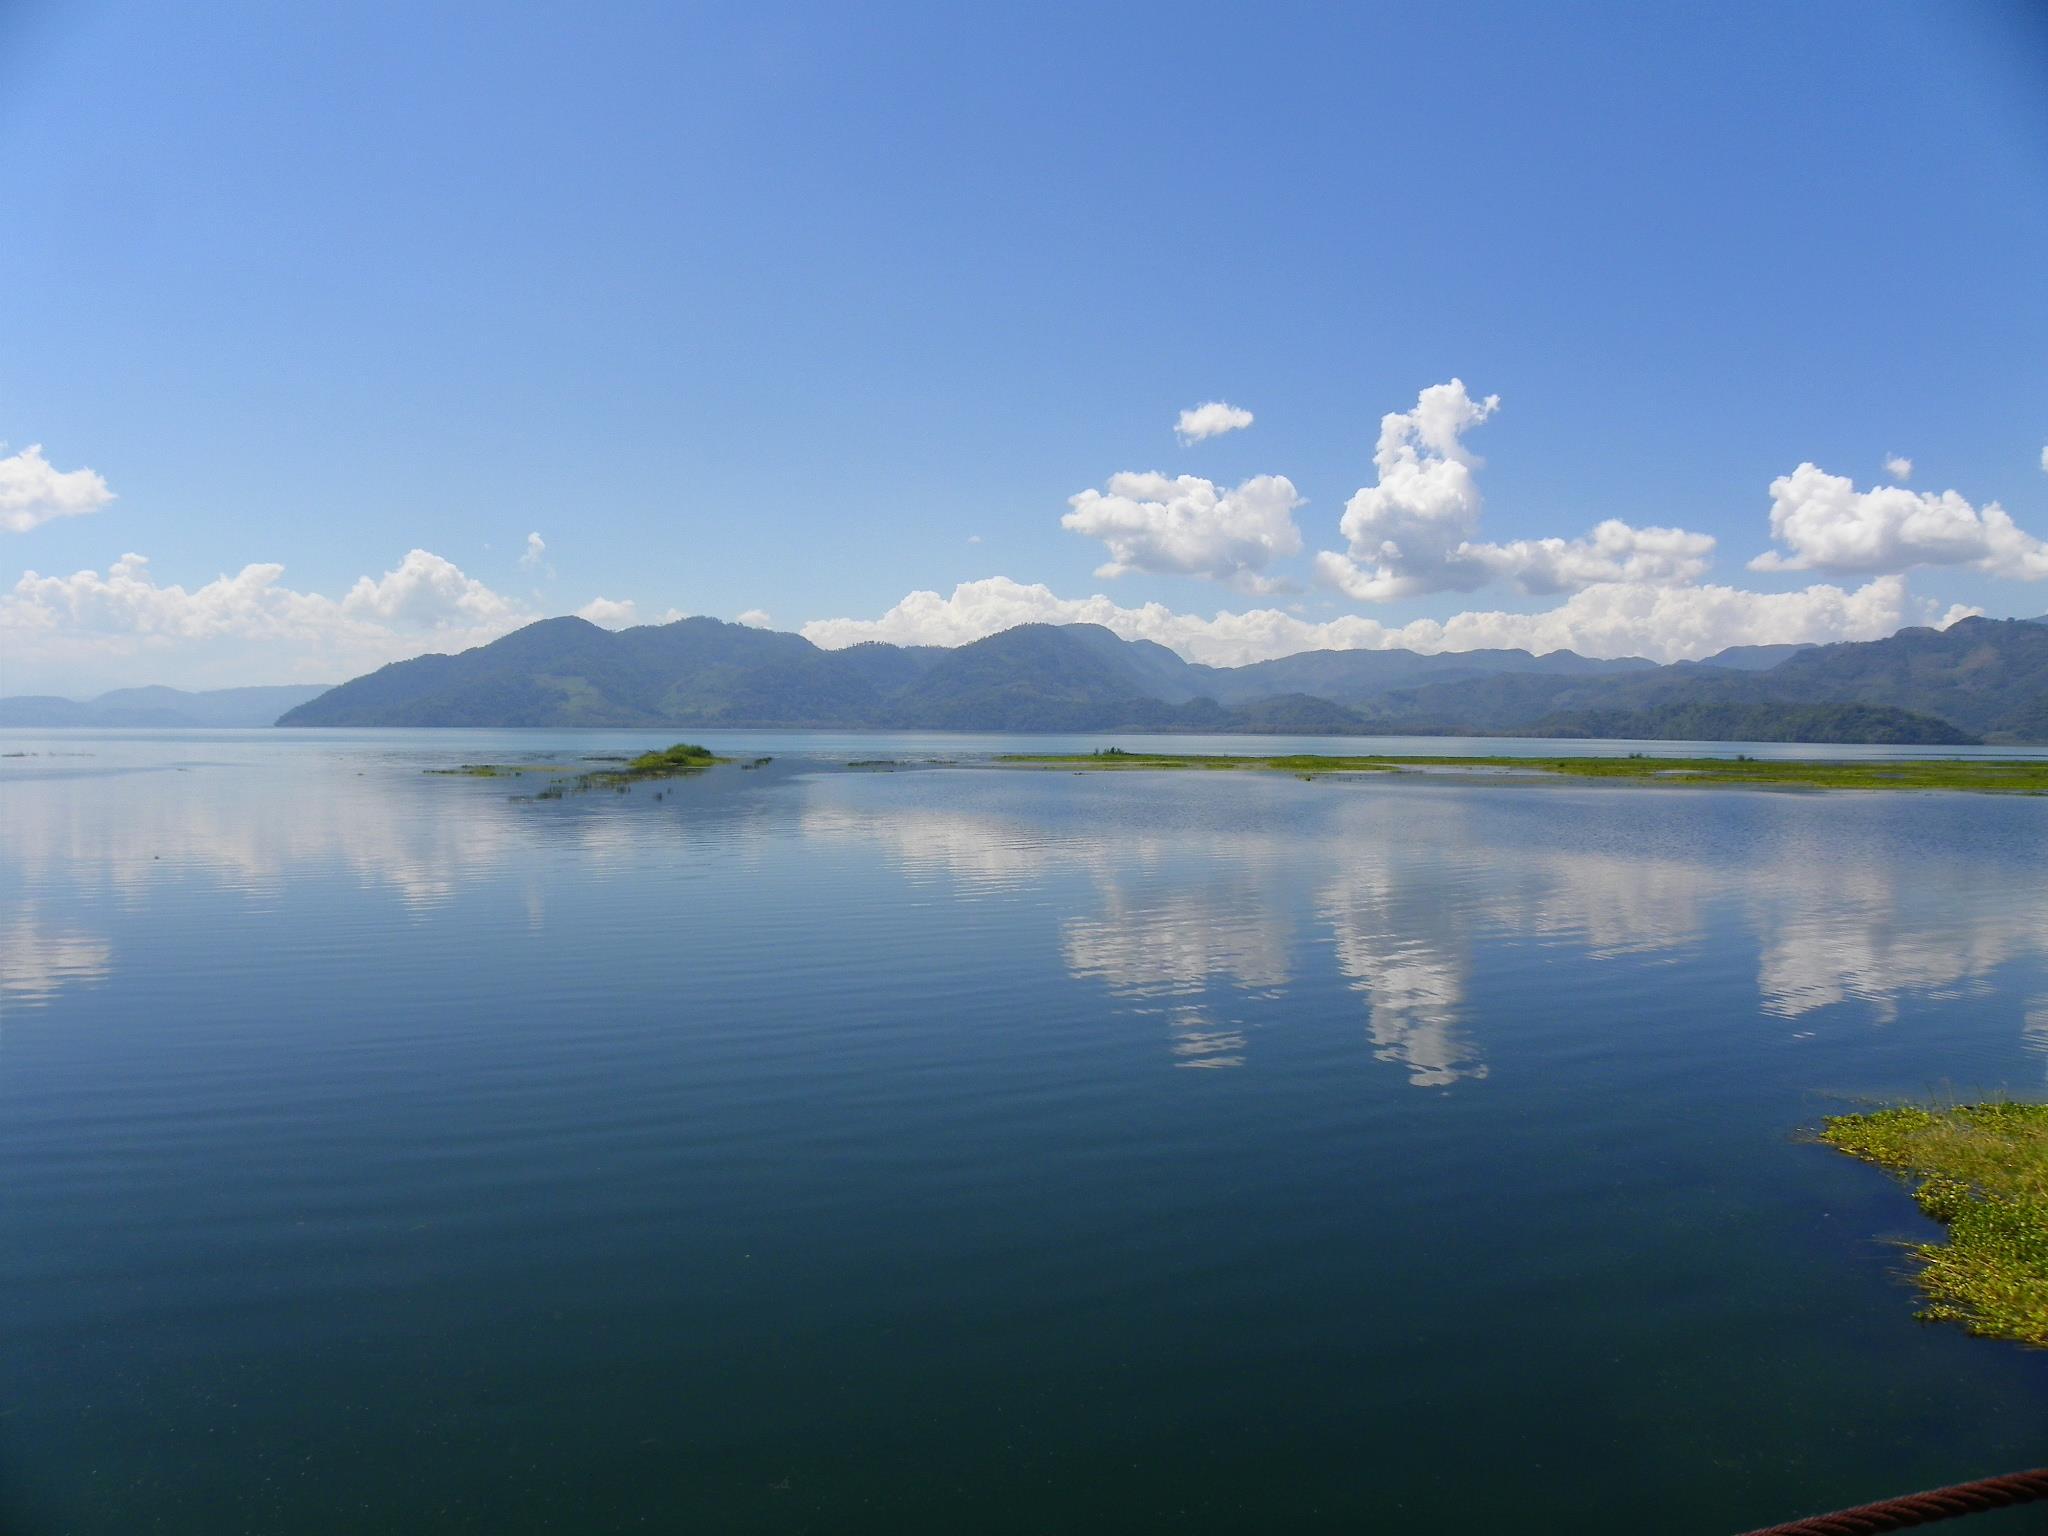 Lake Yojoa – Travel guide at Wikivoyage